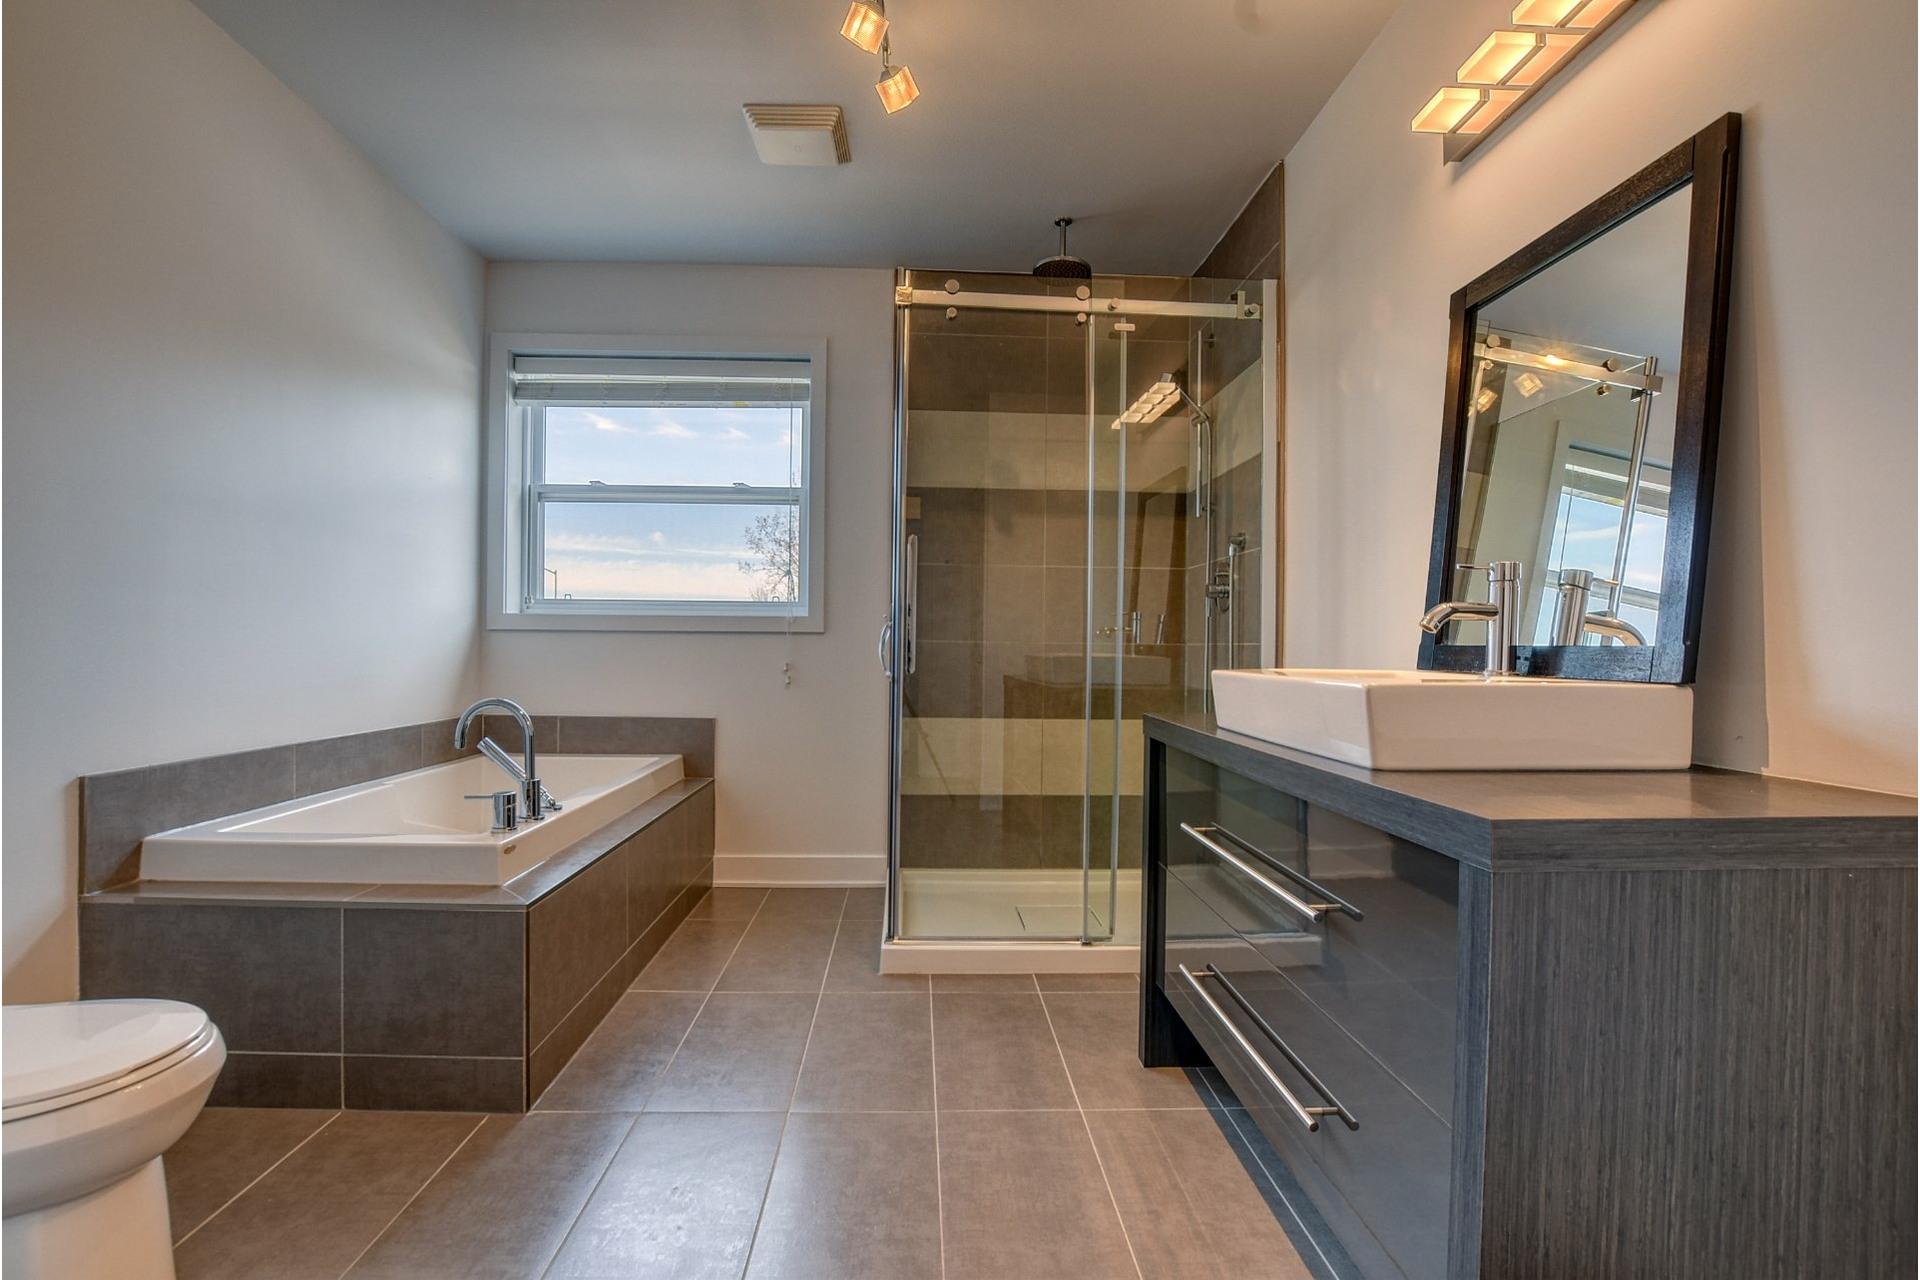 image 16 - Appartement À vendre Rivière-des-Prairies/Pointe-aux-Trembles Montréal  - 11 pièces